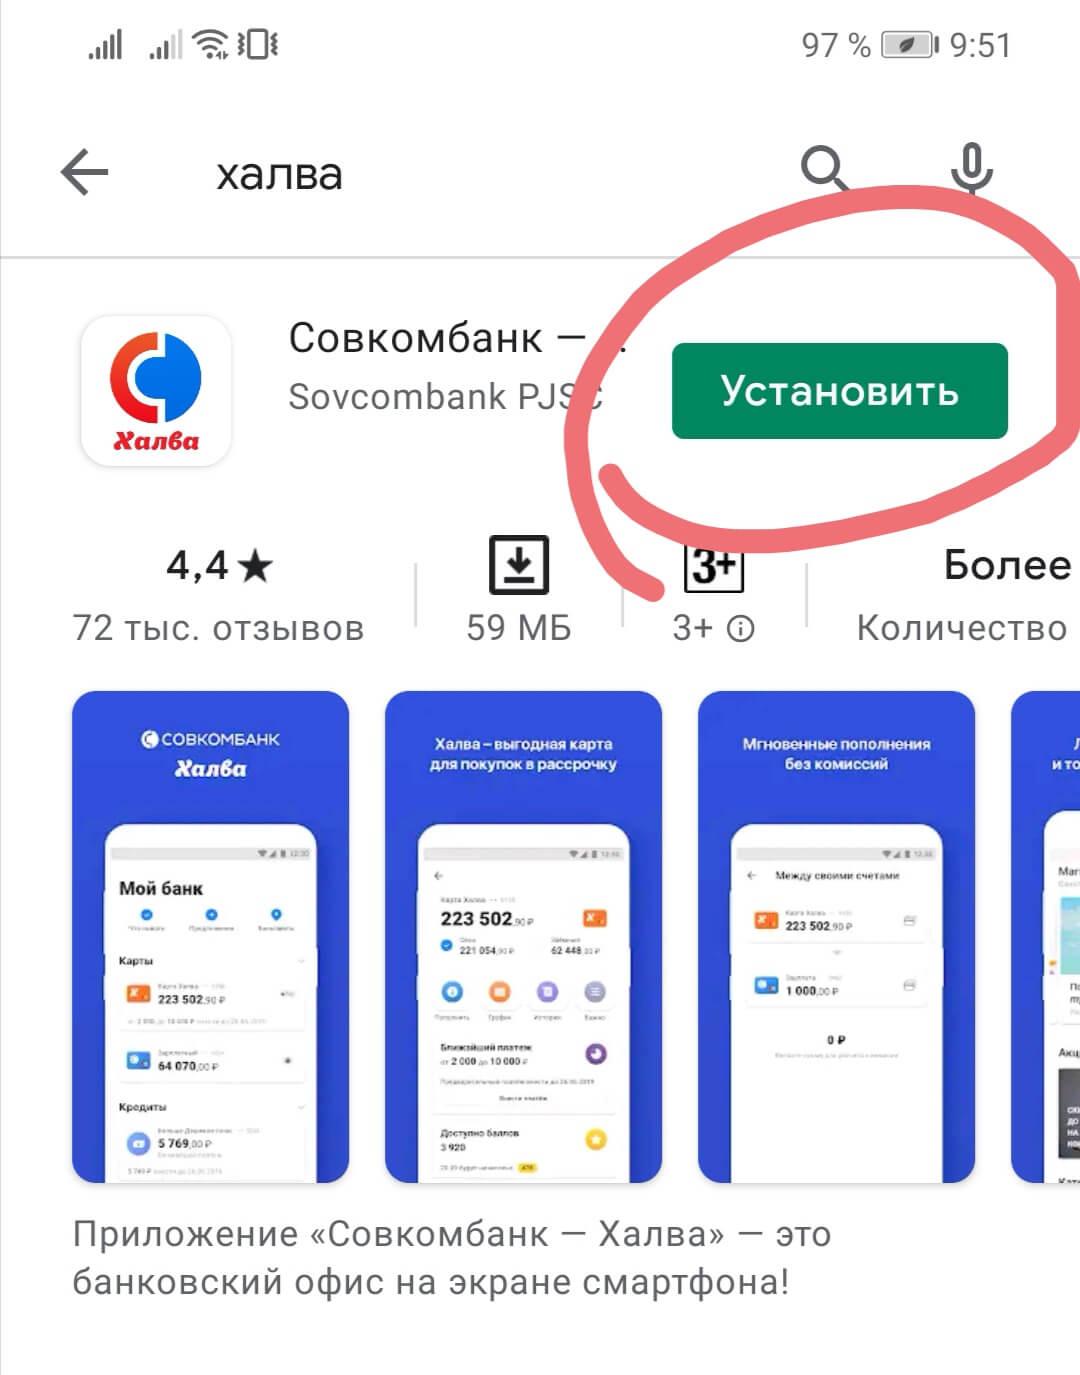 Установить мобильное приложение